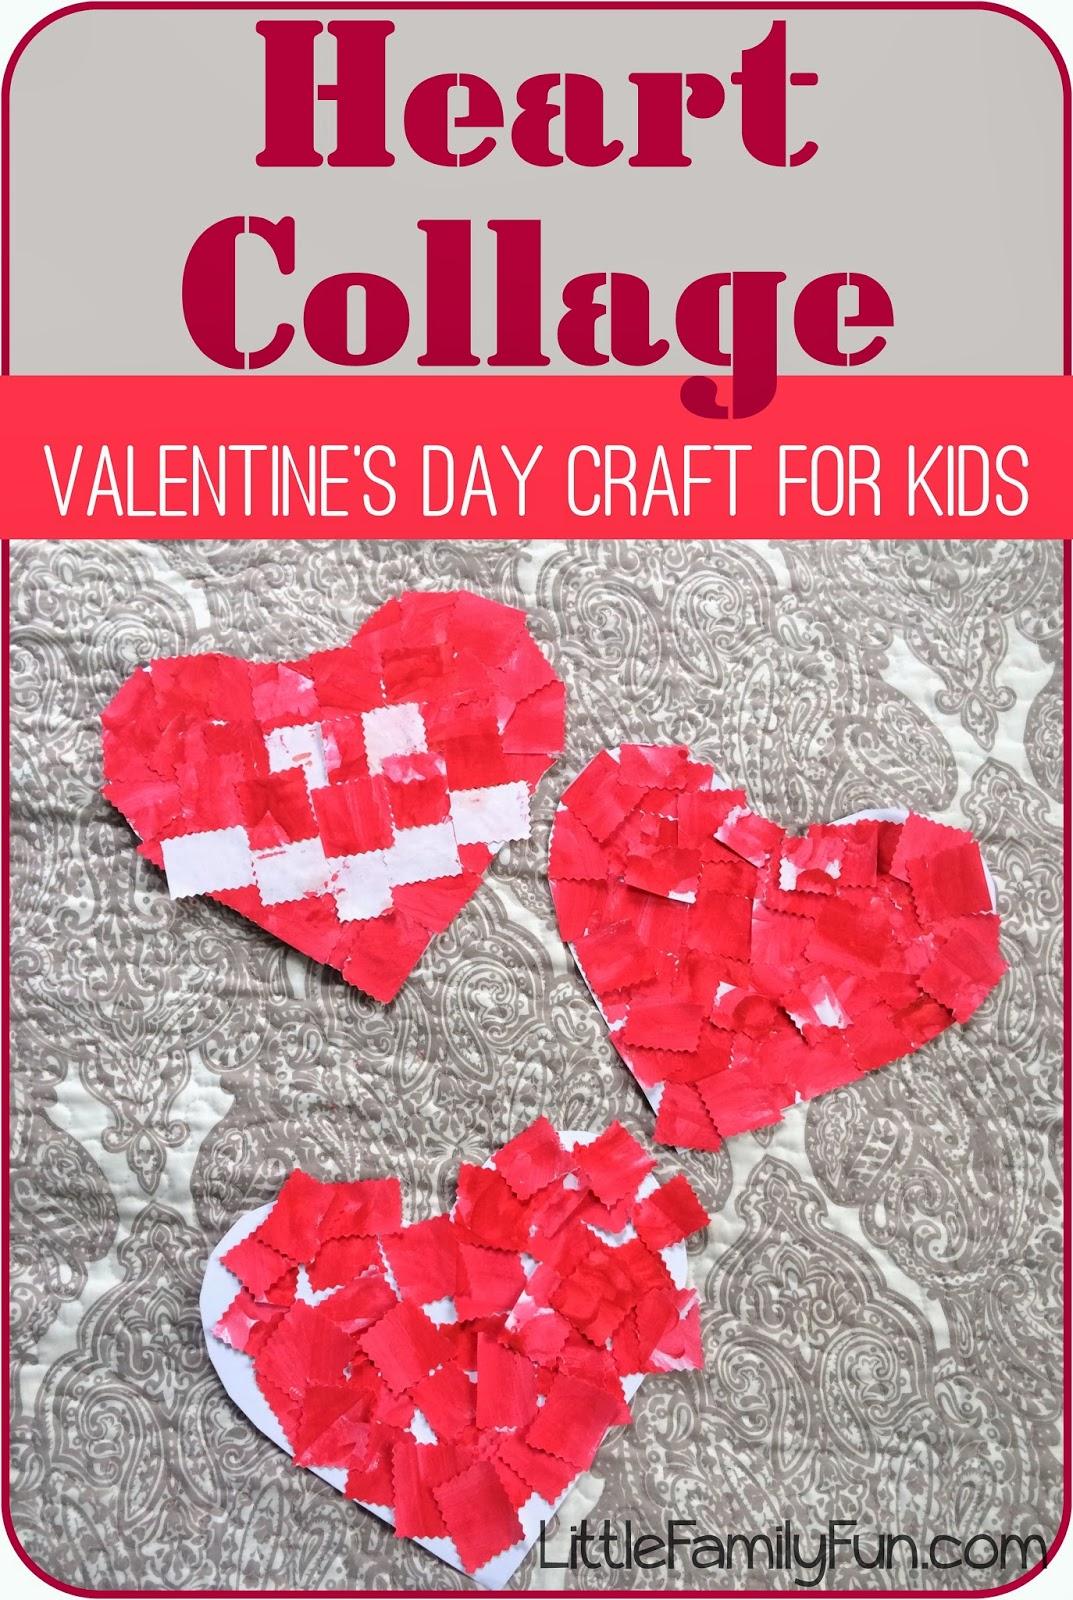 http://www.littlefamilyfun.com/2014/02/heart-collage-valentines-day-craft.html